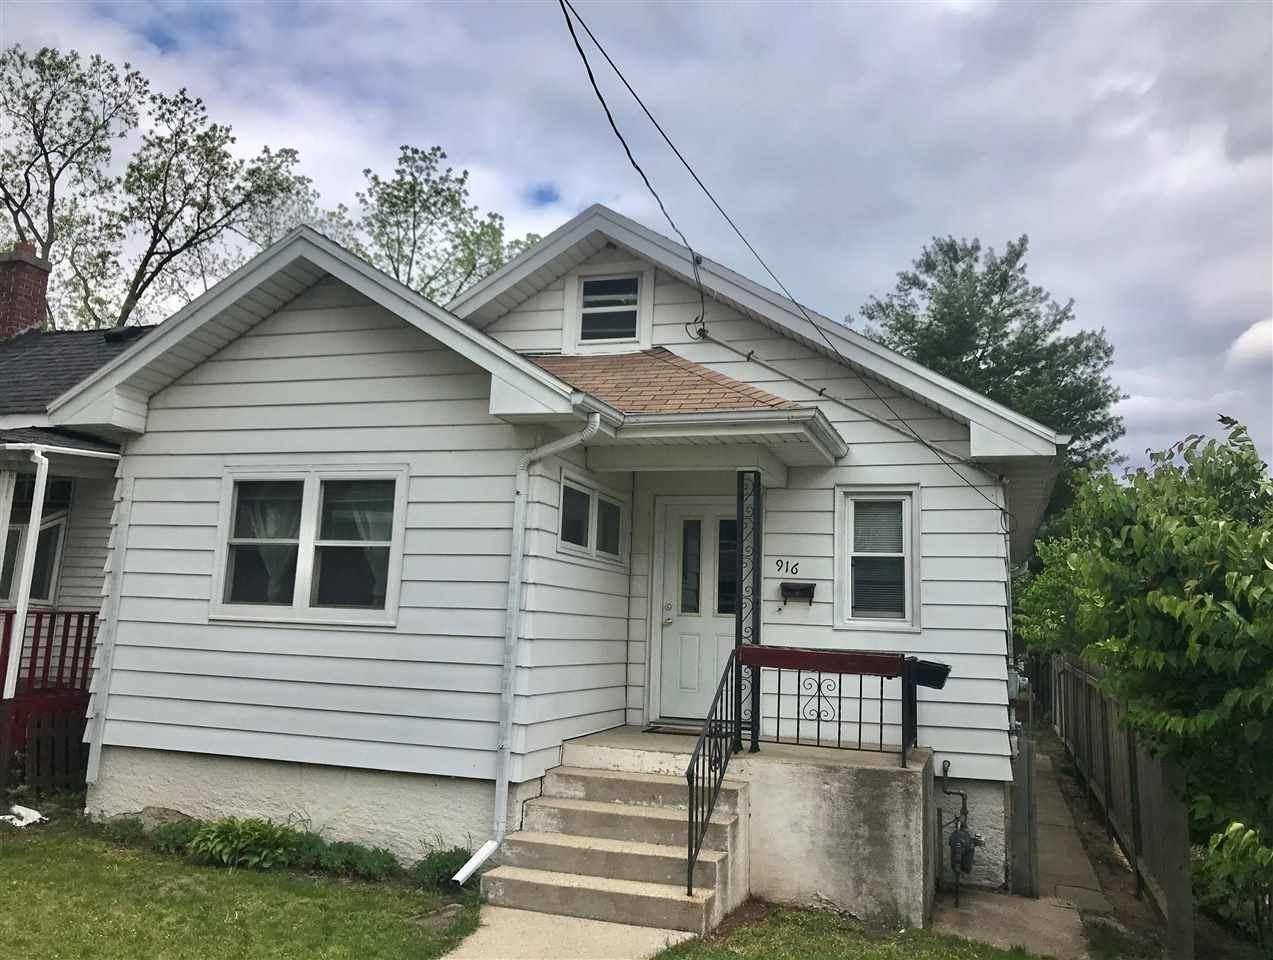 916 Drake St, Madison, WI 53715 - MLS#: 1909327